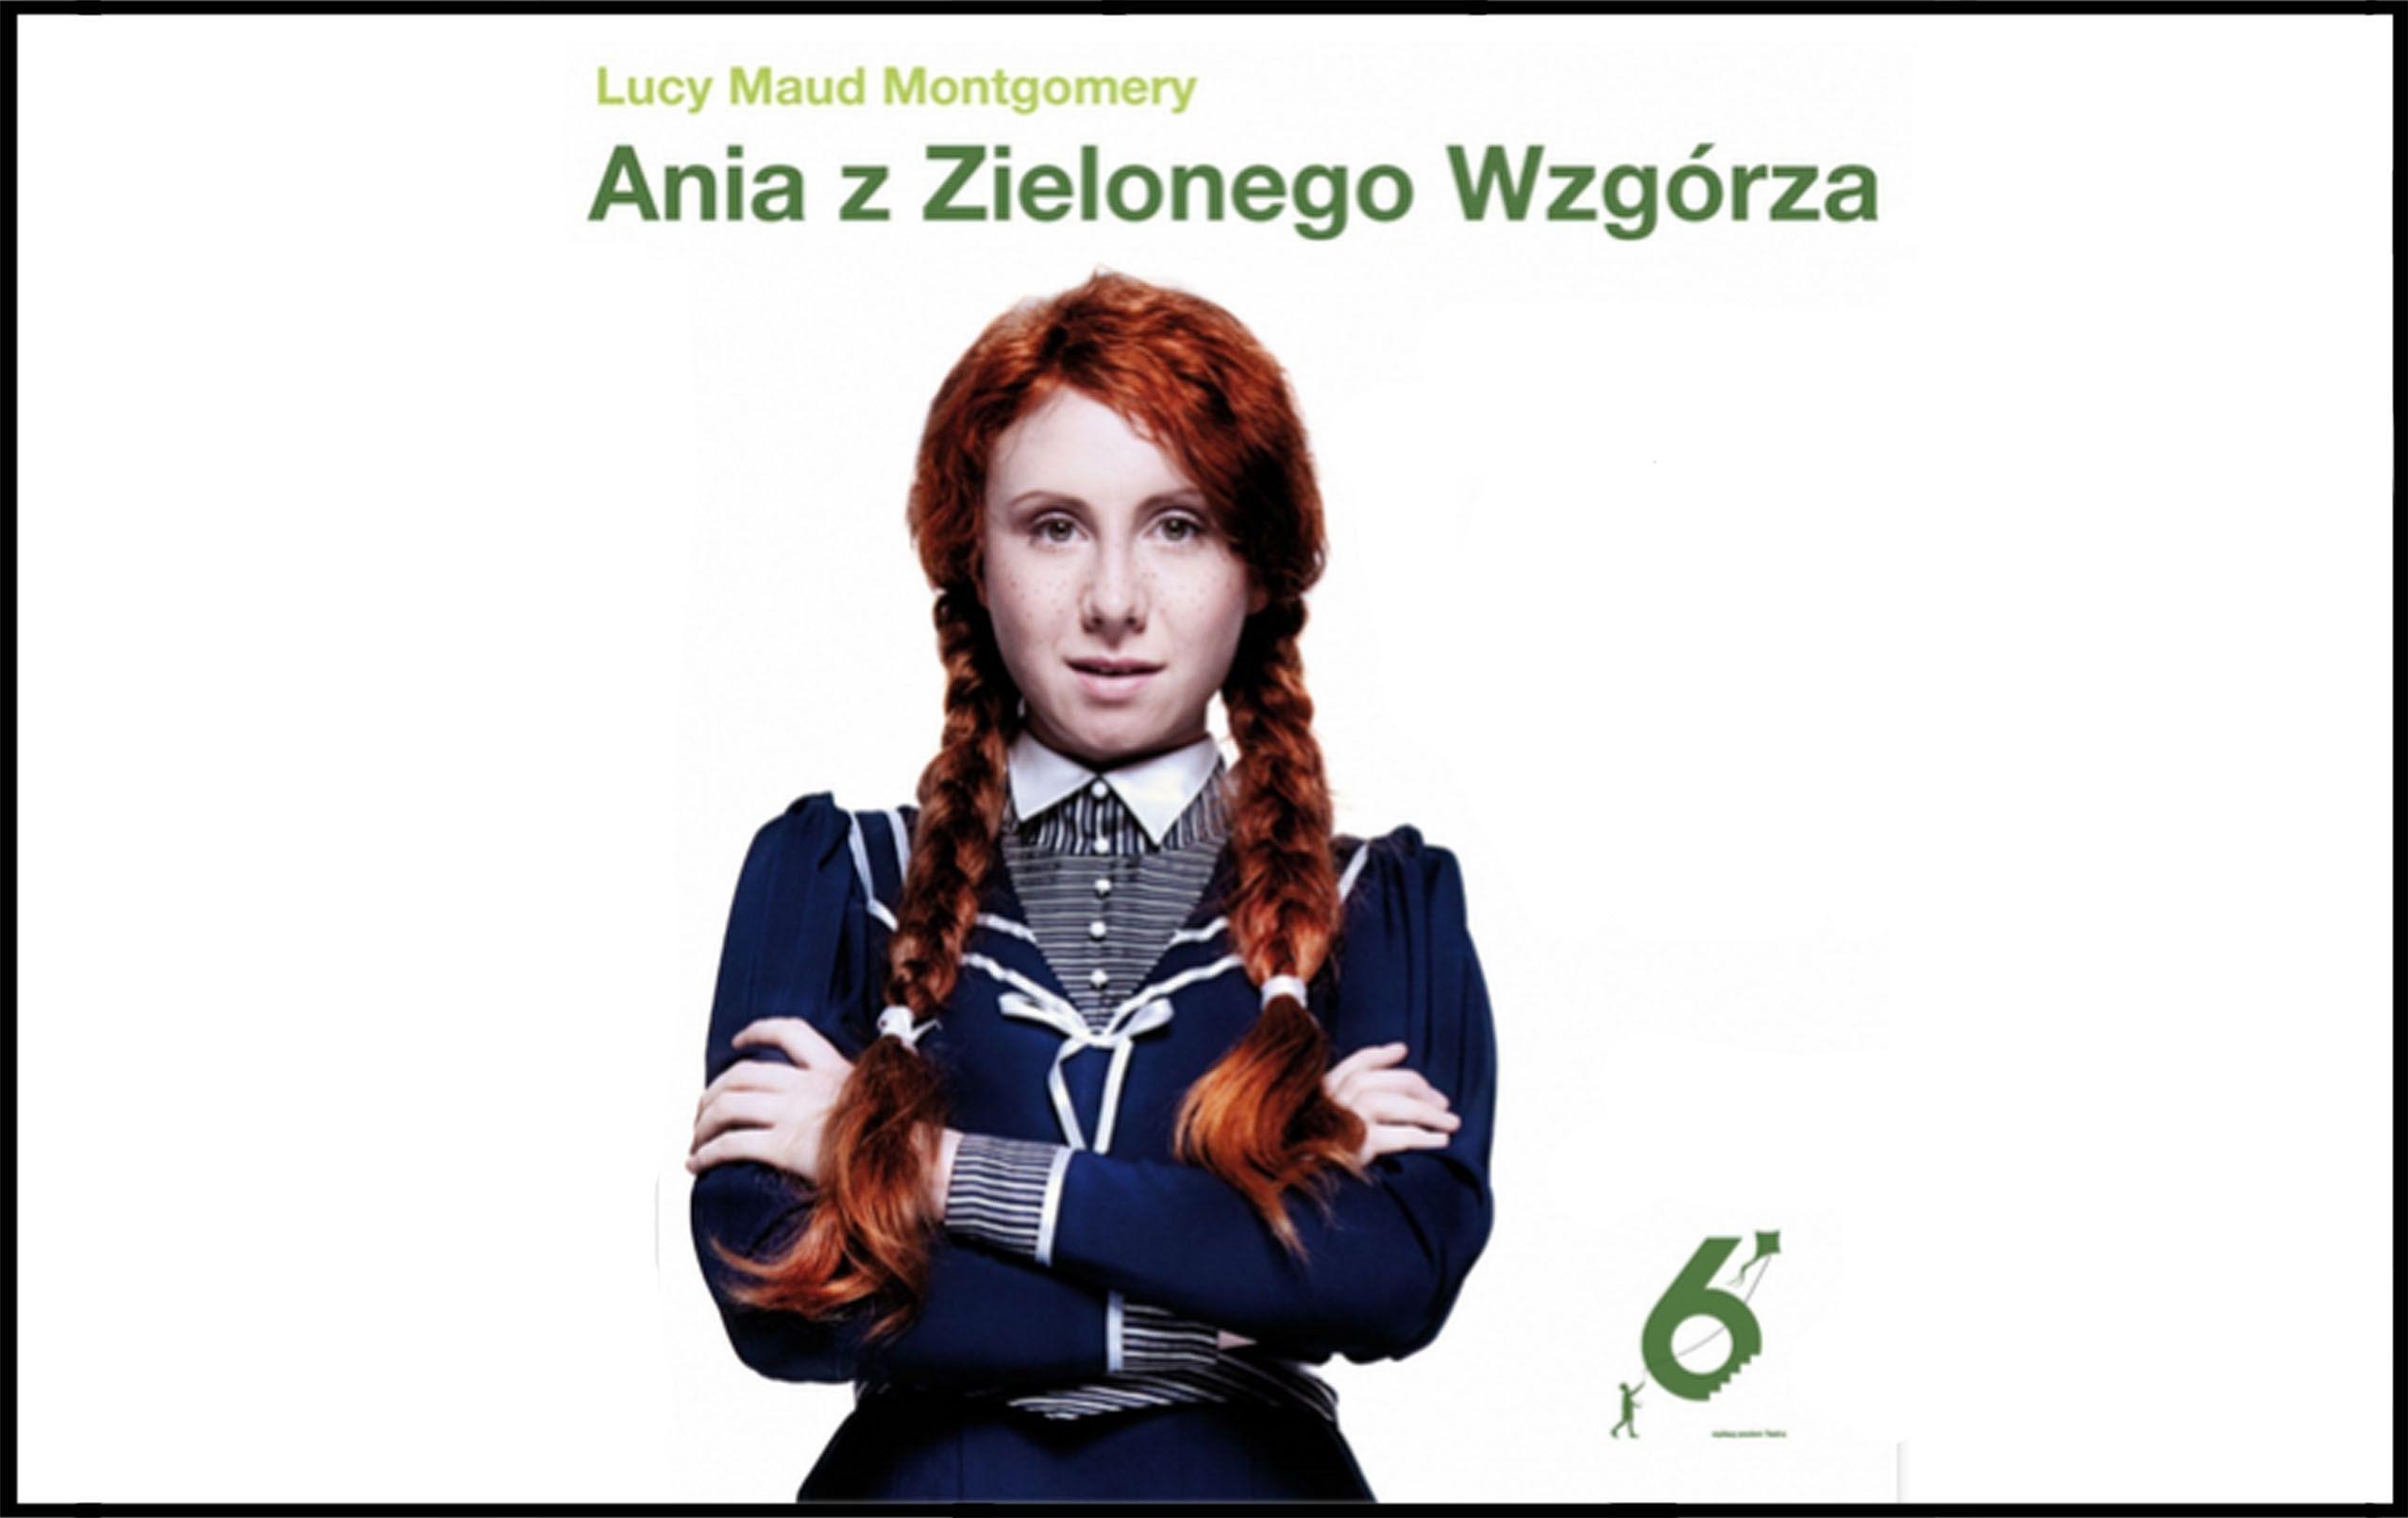 ania z zielonego wzgorza teatr 6 pietro